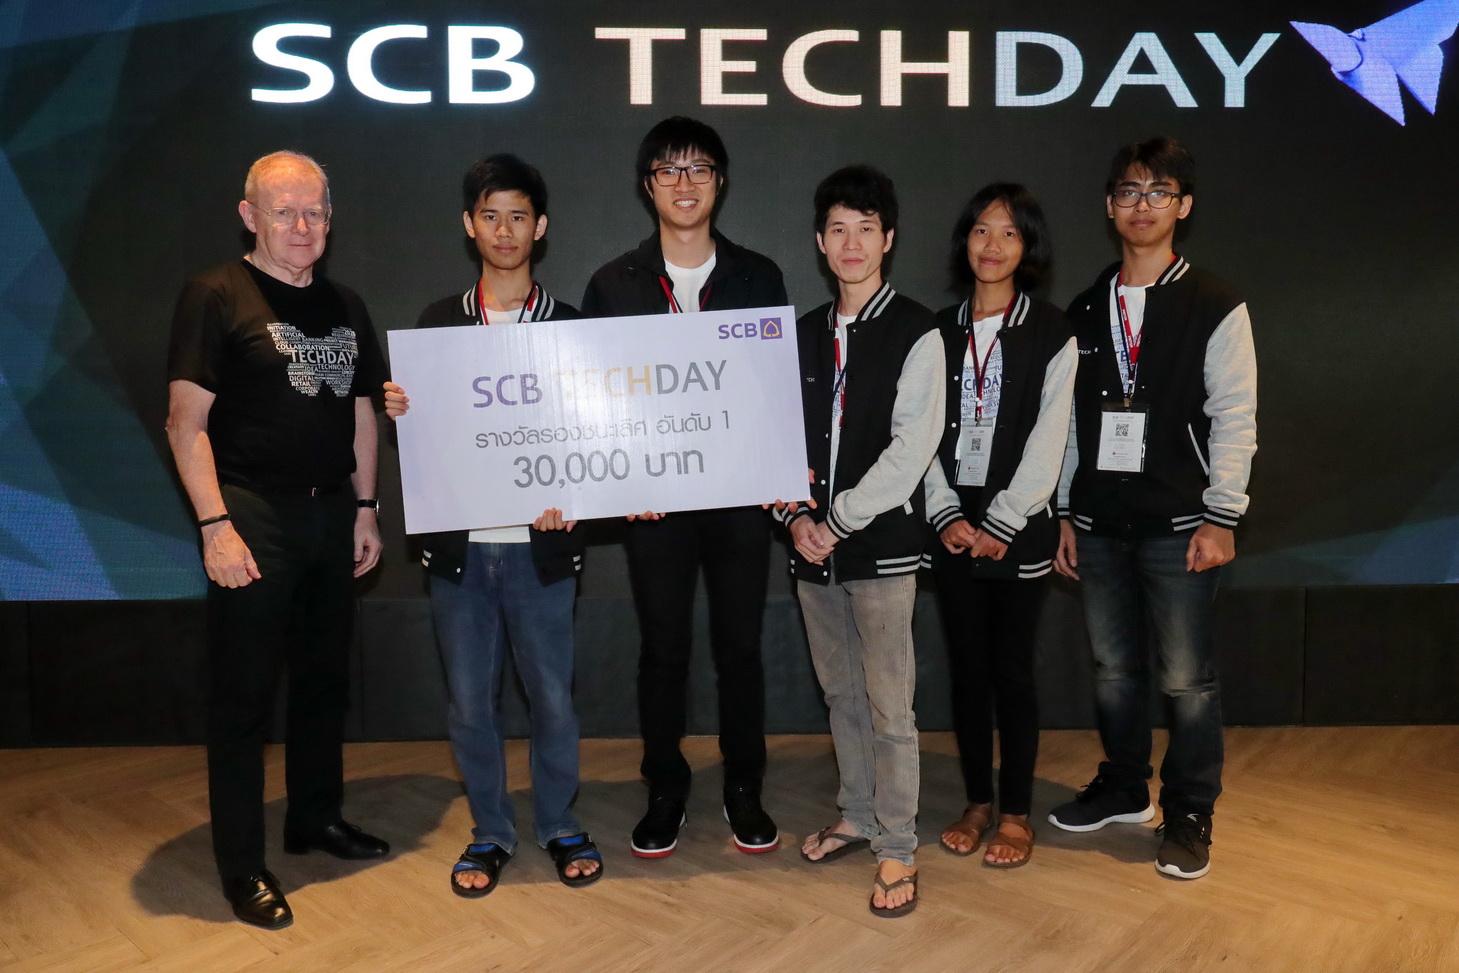 นิสิตภาควิชาวิศวกรรมคอมพิวเตอร์คว้ารางวัลรองชนะเลิศอันดับที่ 1 จากการประกวด SCB Tech Day